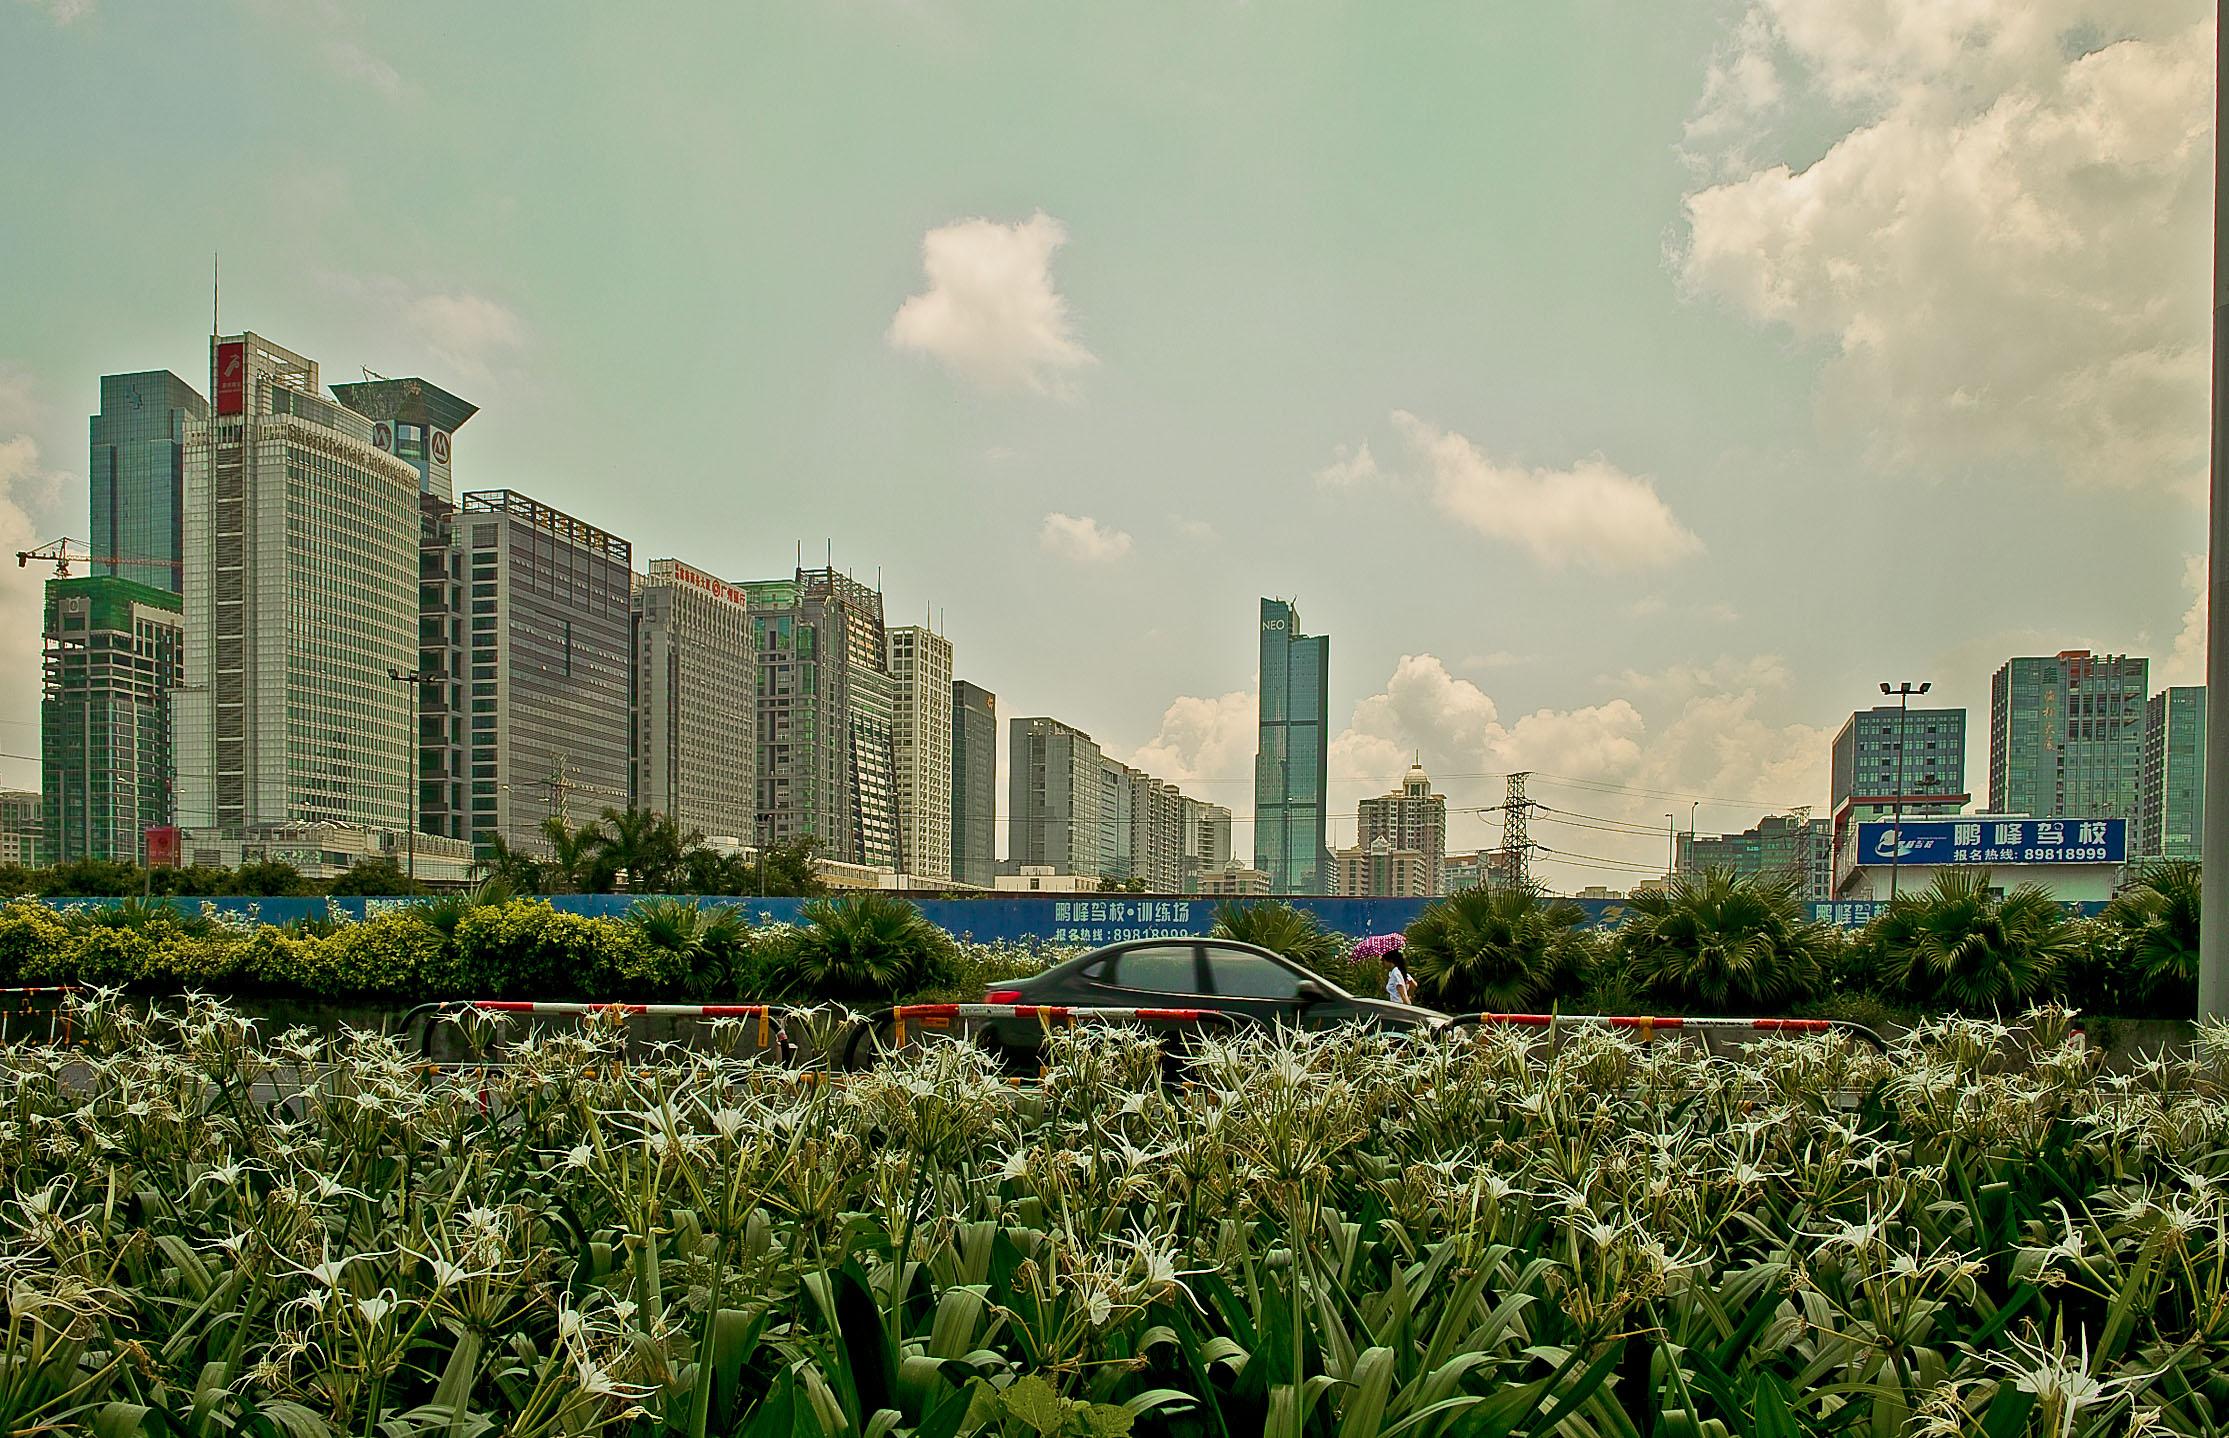 Shenshen near Zhuzilin station